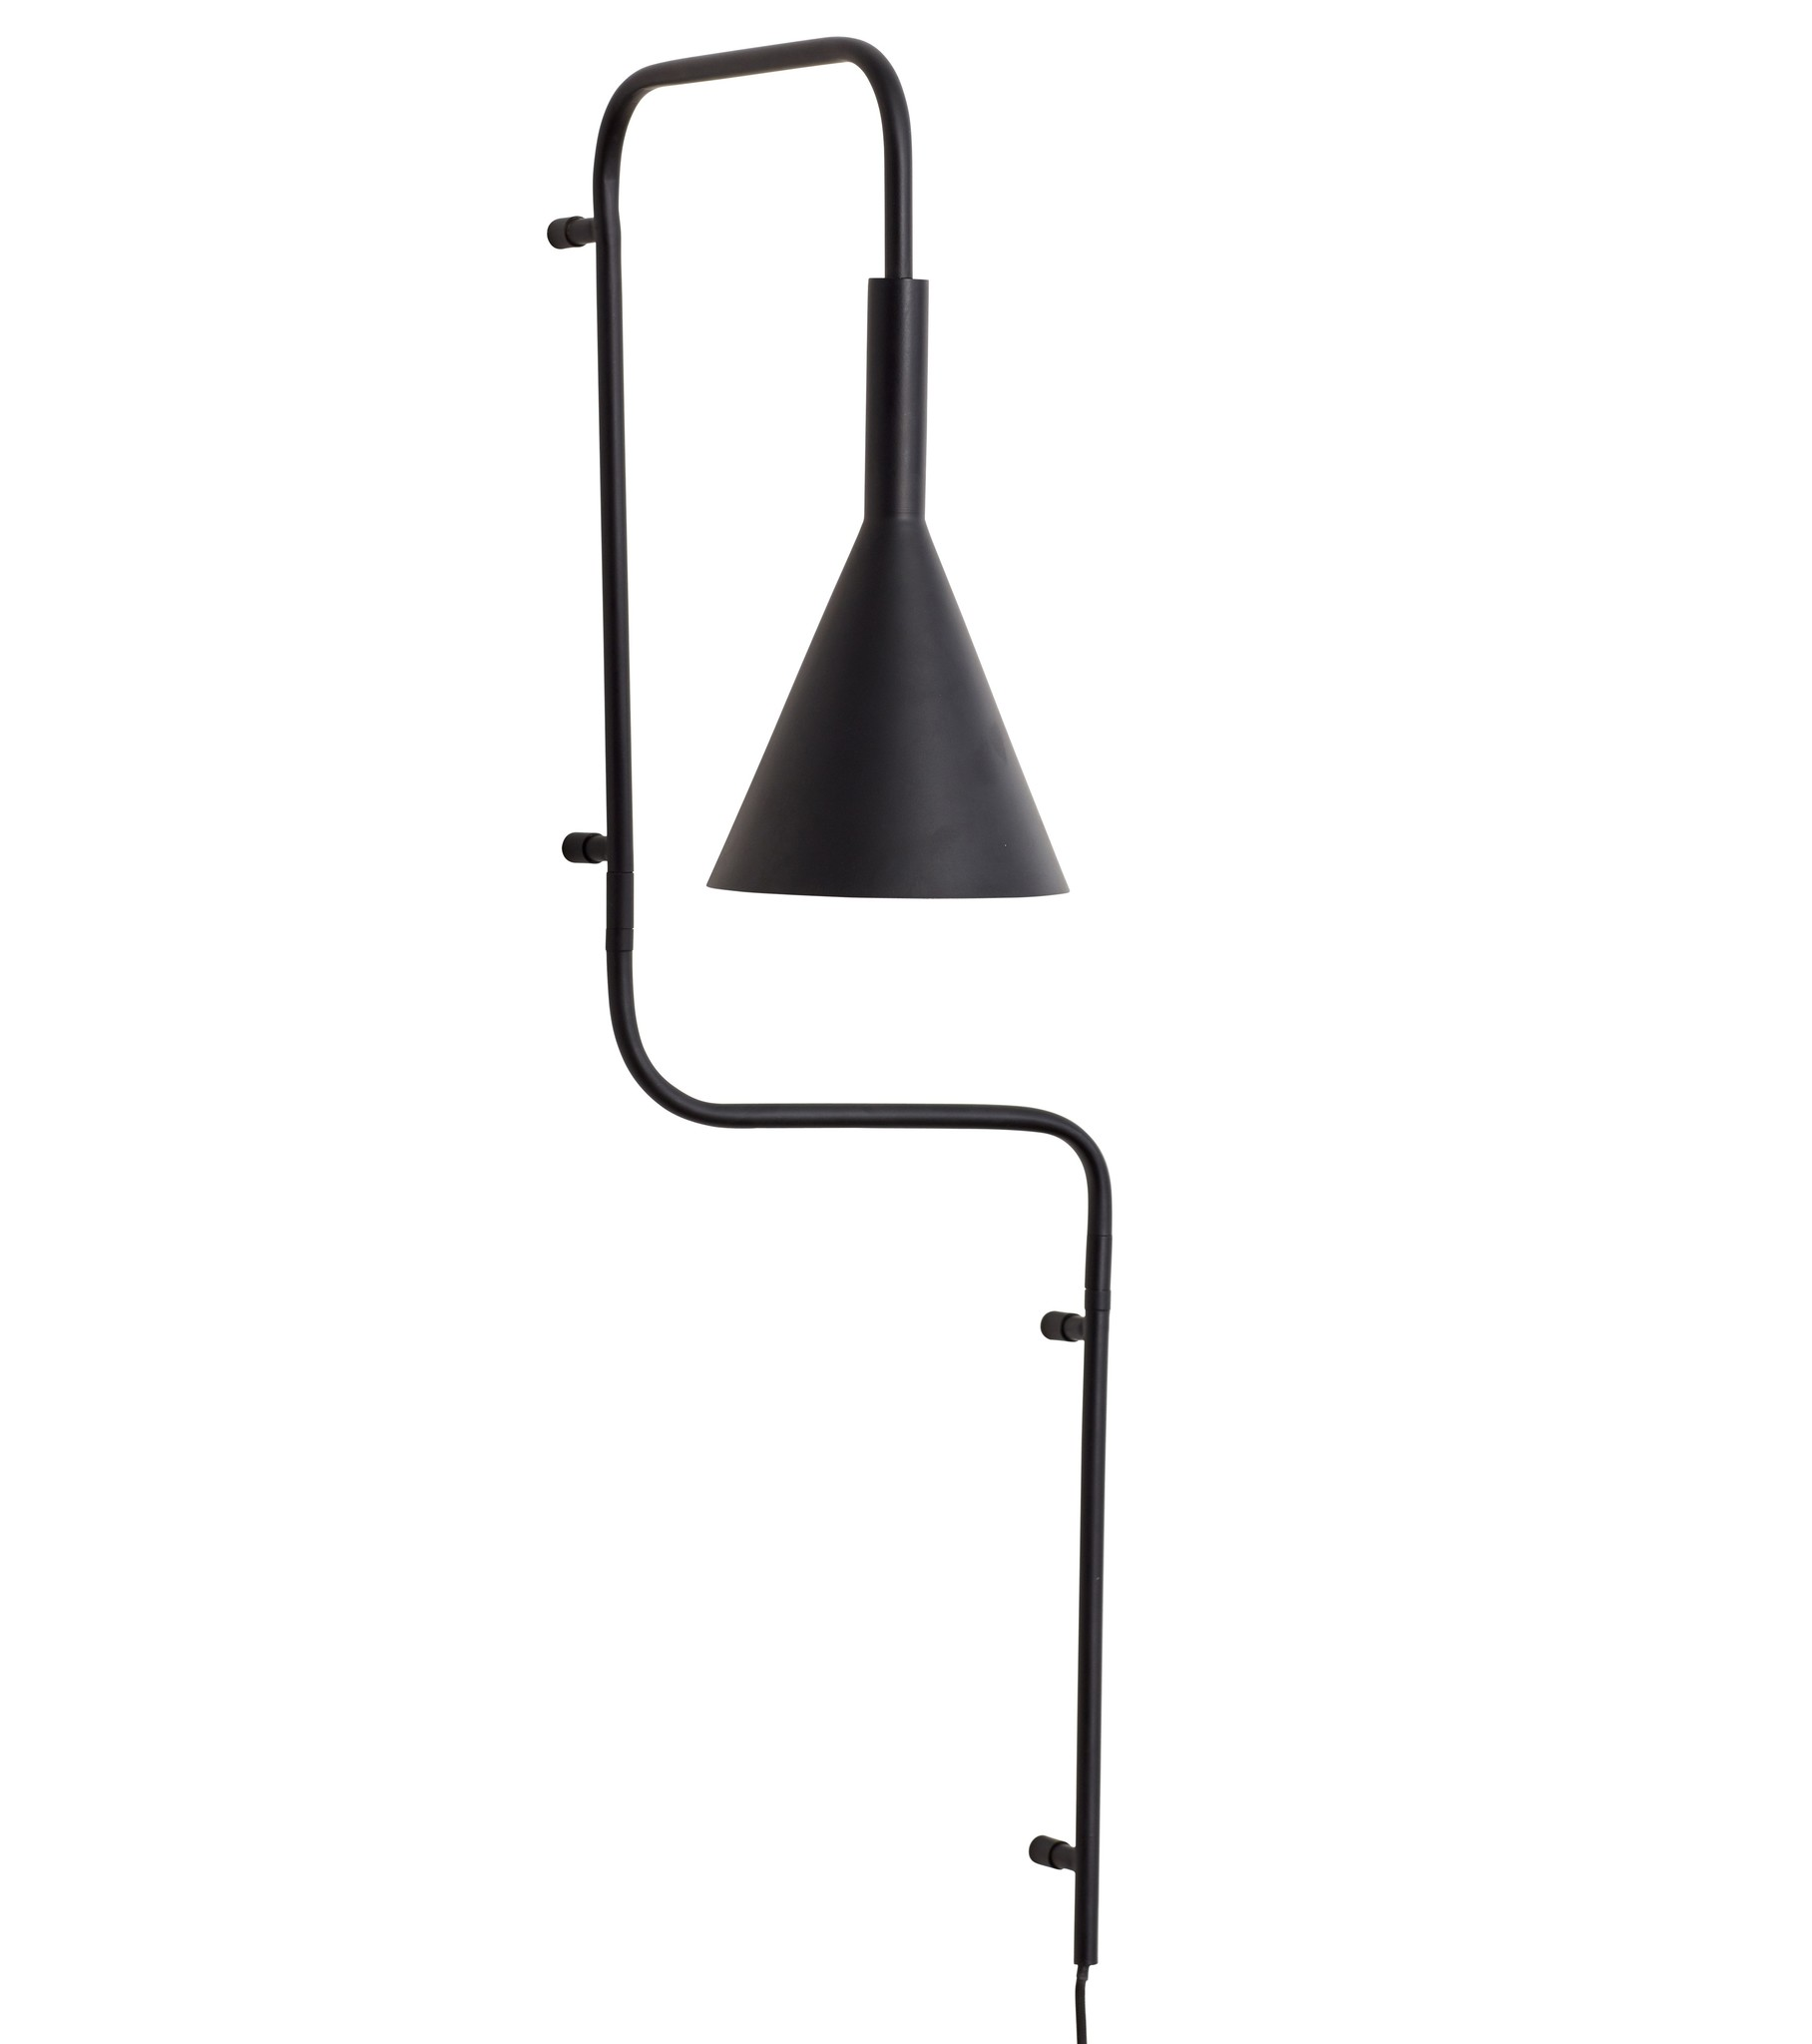 Hübsch wandlamp, zwart